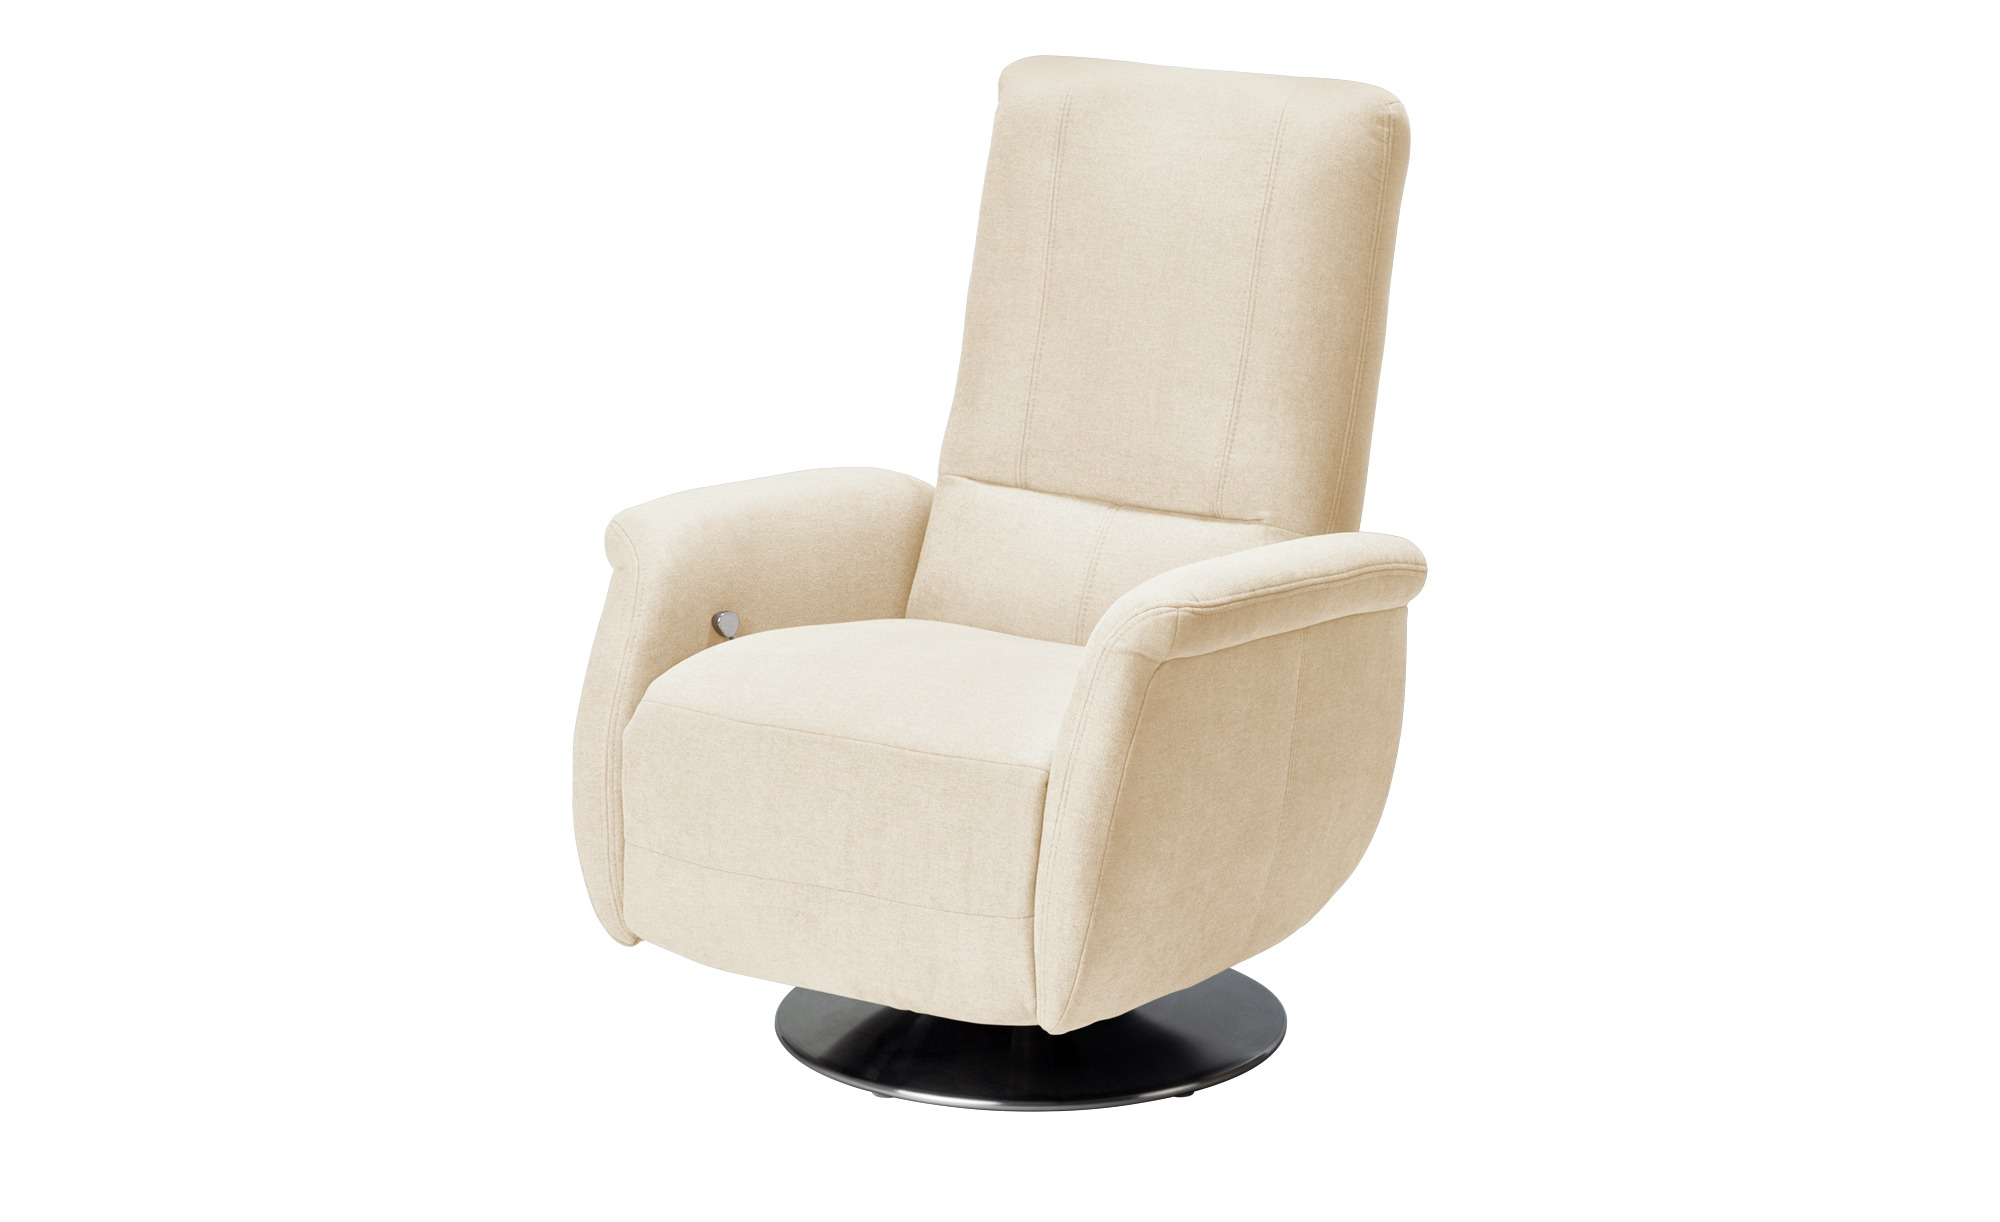 meinSofa Relaxsessel beige - Stoff Felix ¦ beige Polstermöbel > Sessel > Fernsehsessel - Höffner